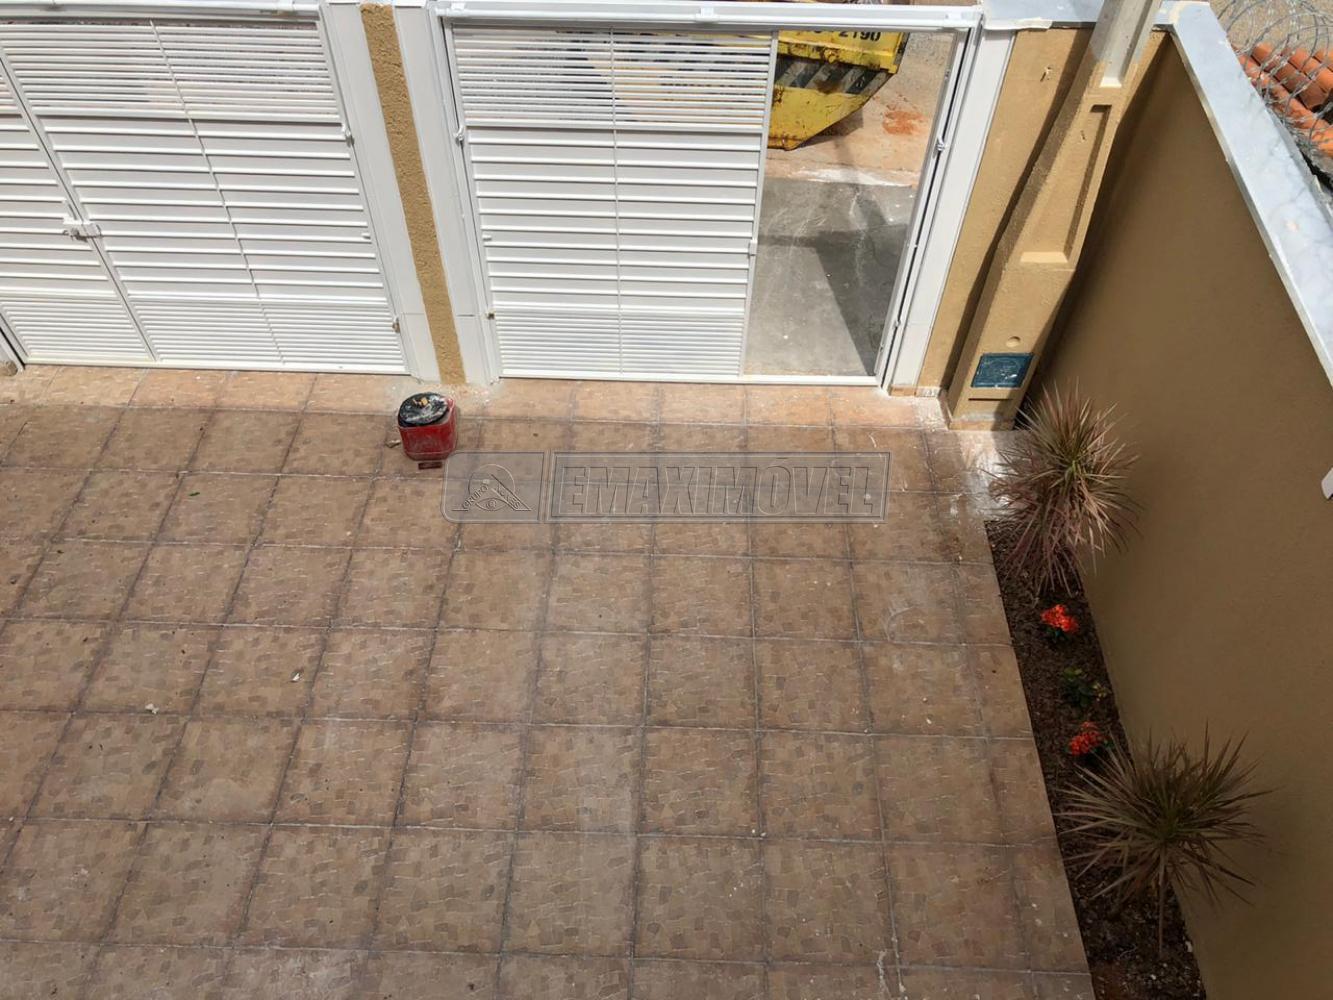 Comprar Casas / em Bairros em Sorocaba apenas R$ 215.000,00 - Foto 12